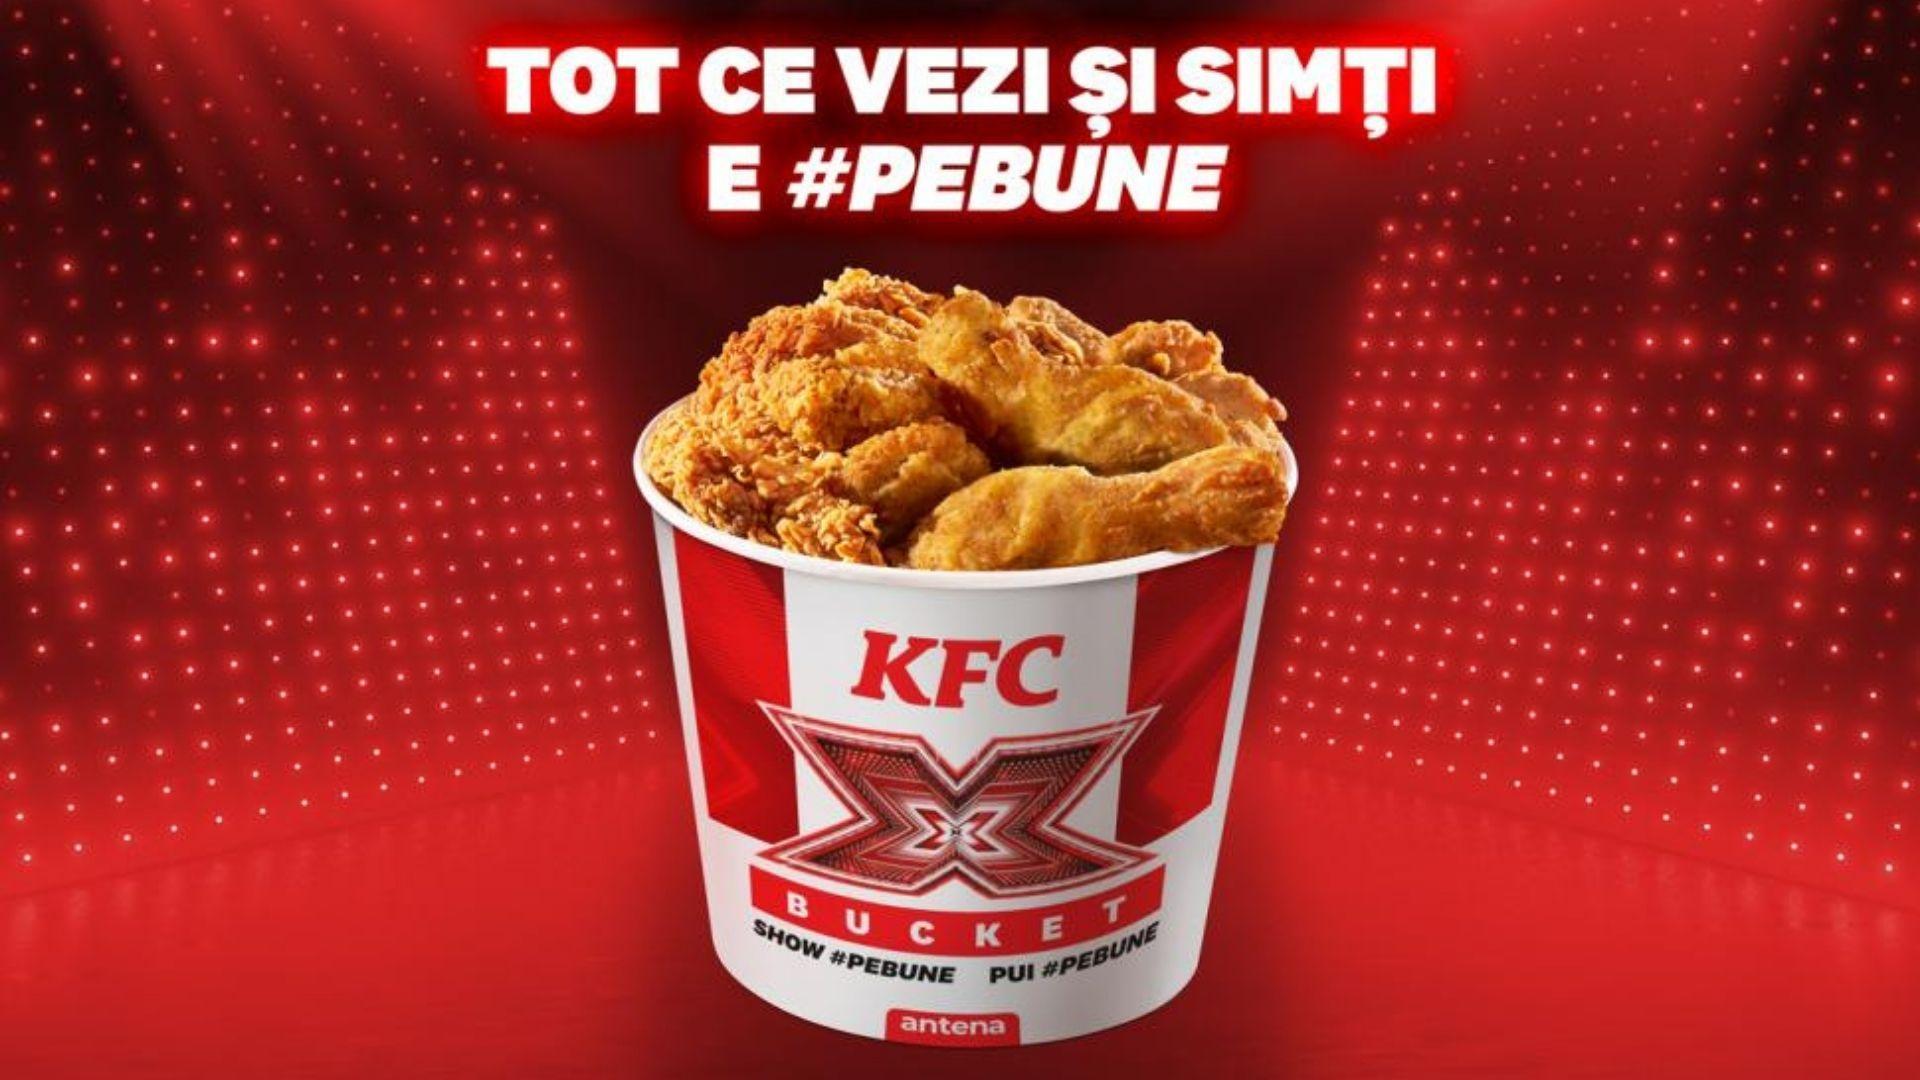 X Factor & KFC – două filosofii de brand #pebune